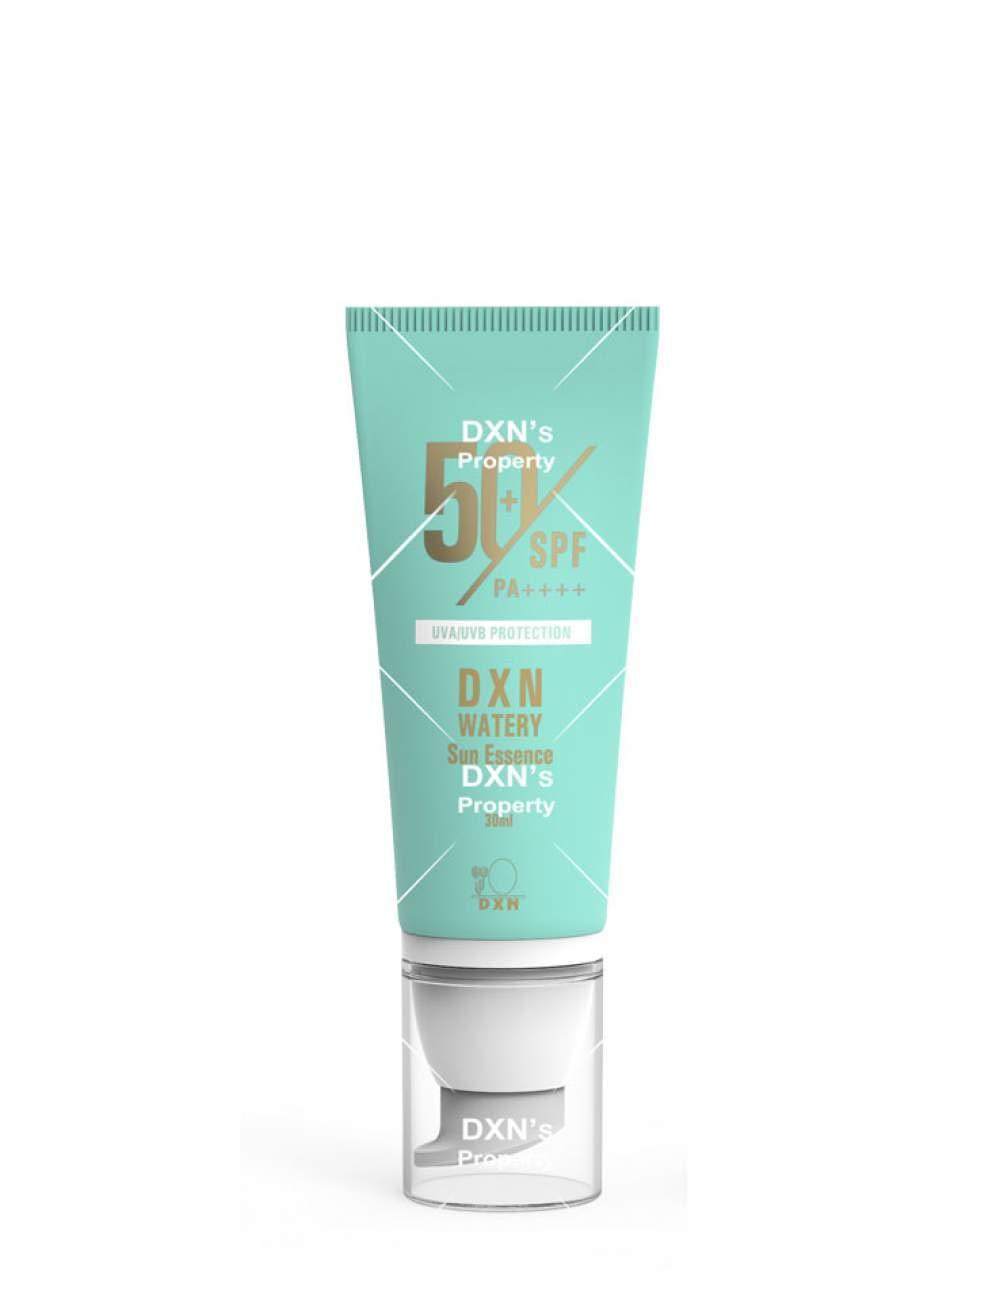 DXN Watery Sun Essence SPF 50++++ Sunscreen 30ml (3 Unit)